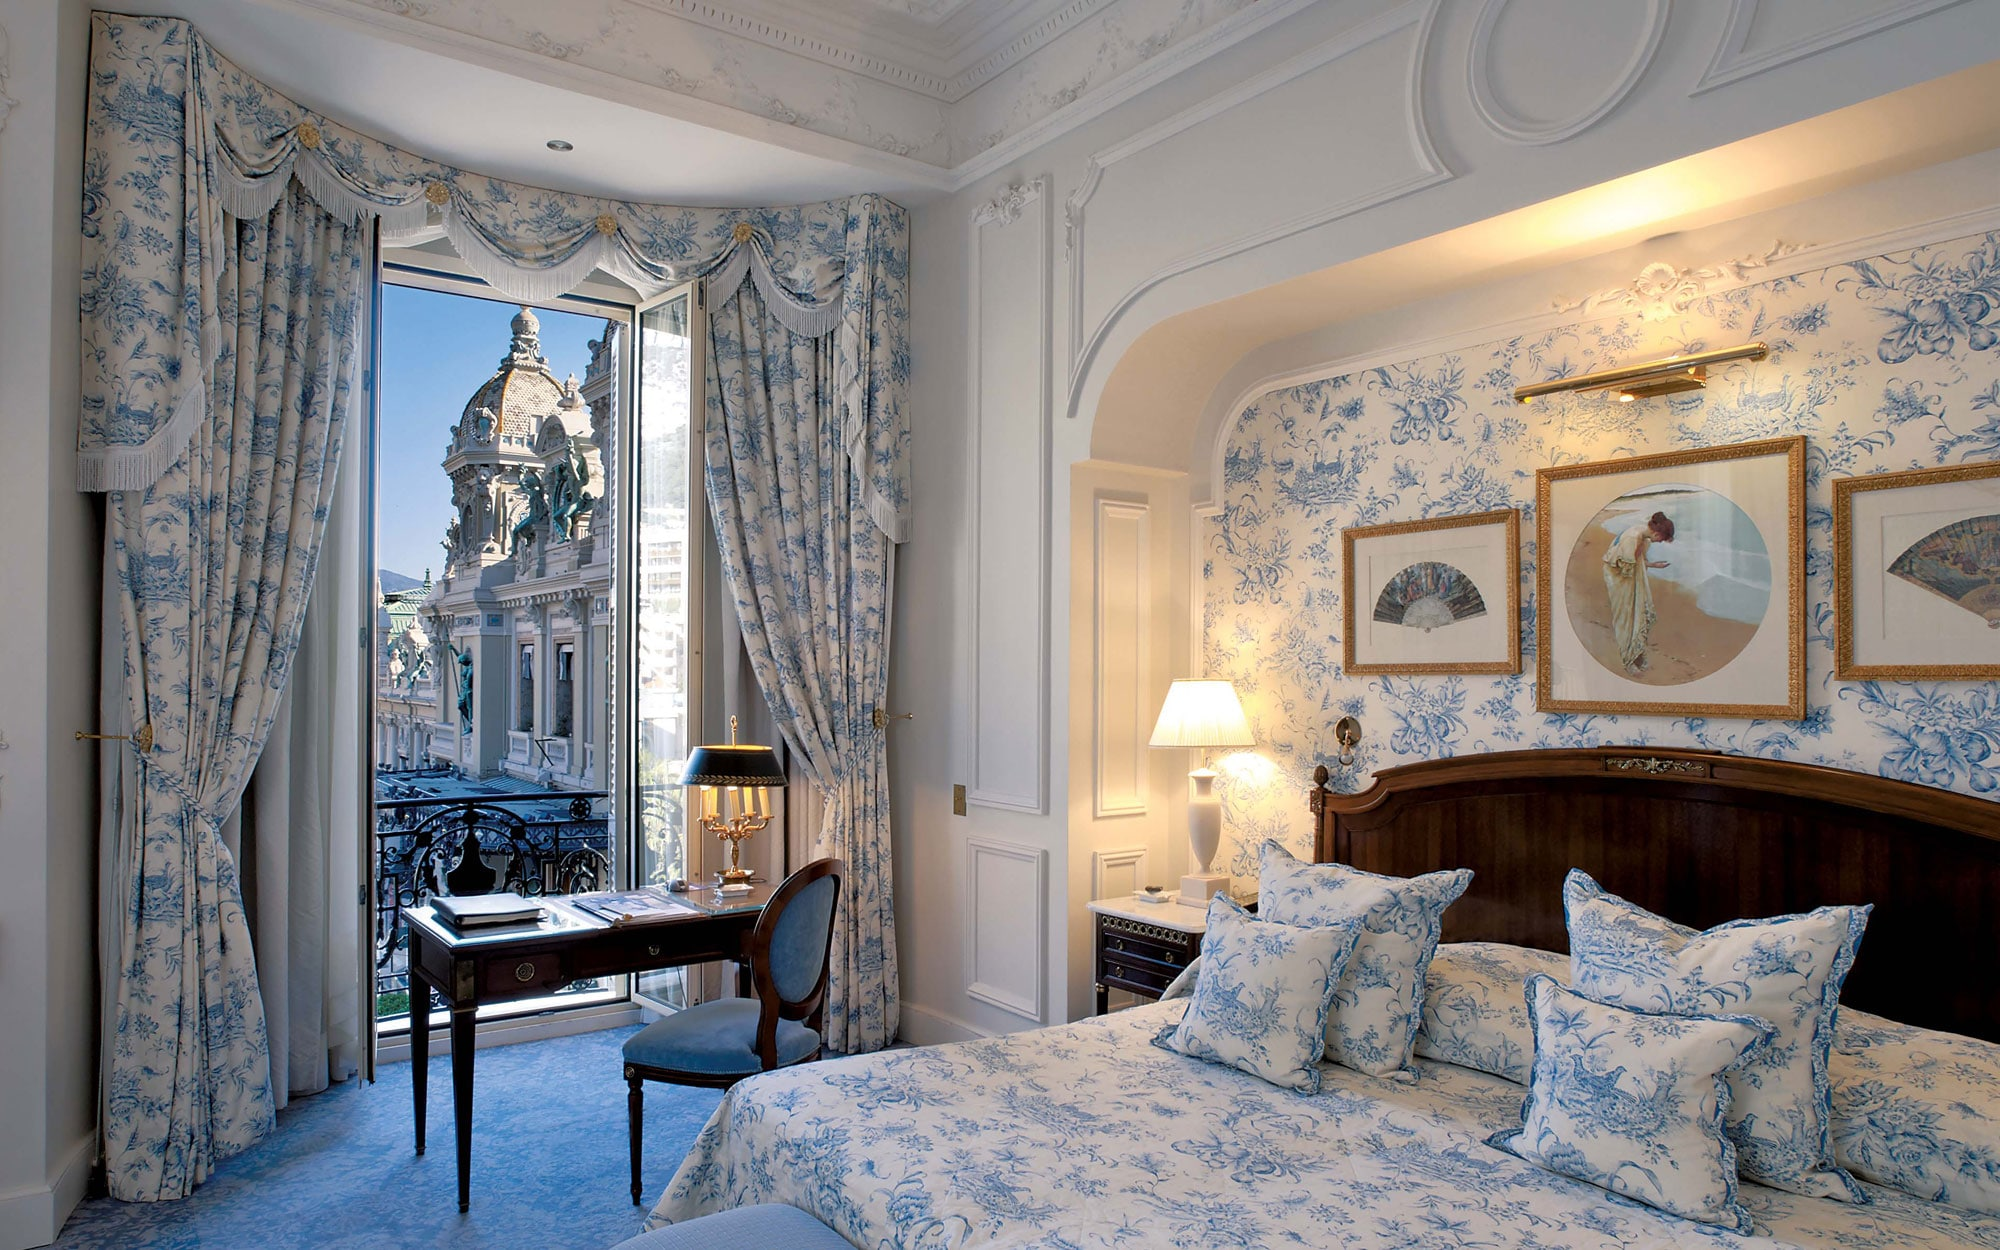 Htel De Paris Review Monte Carlo Monaco Travel